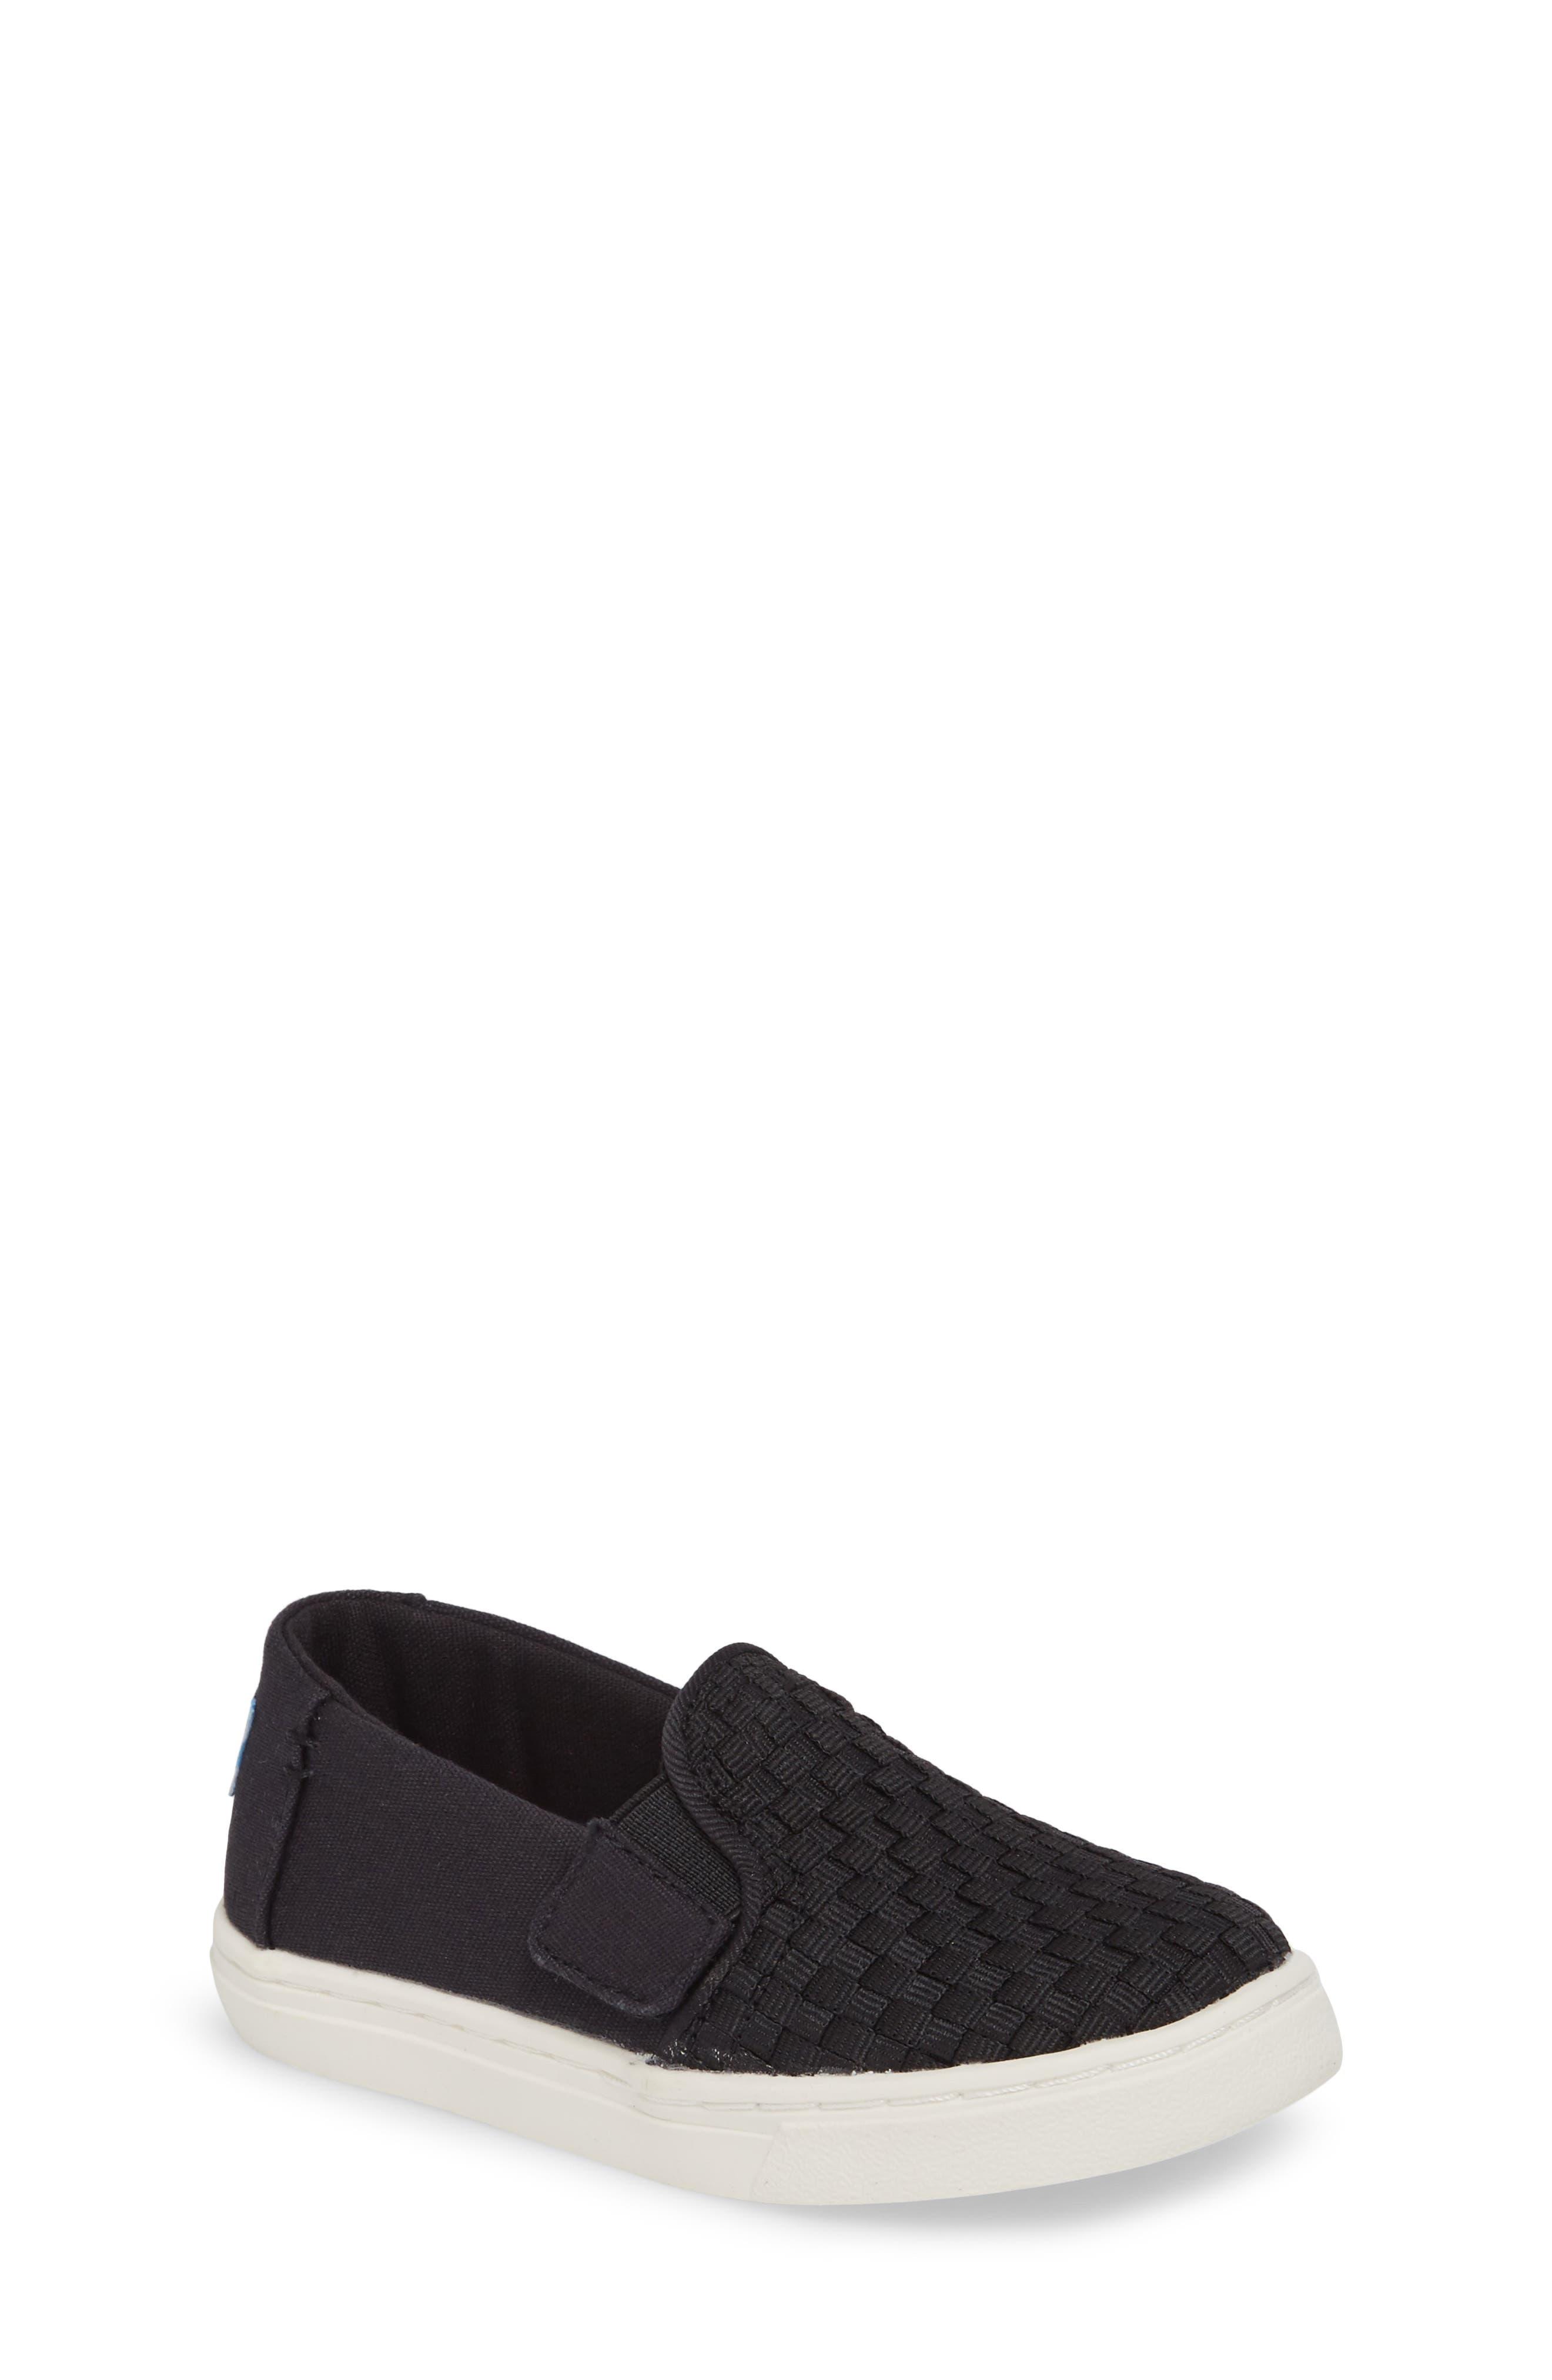 Luca Slip-On Sneaker,                             Main thumbnail 1, color,                             001